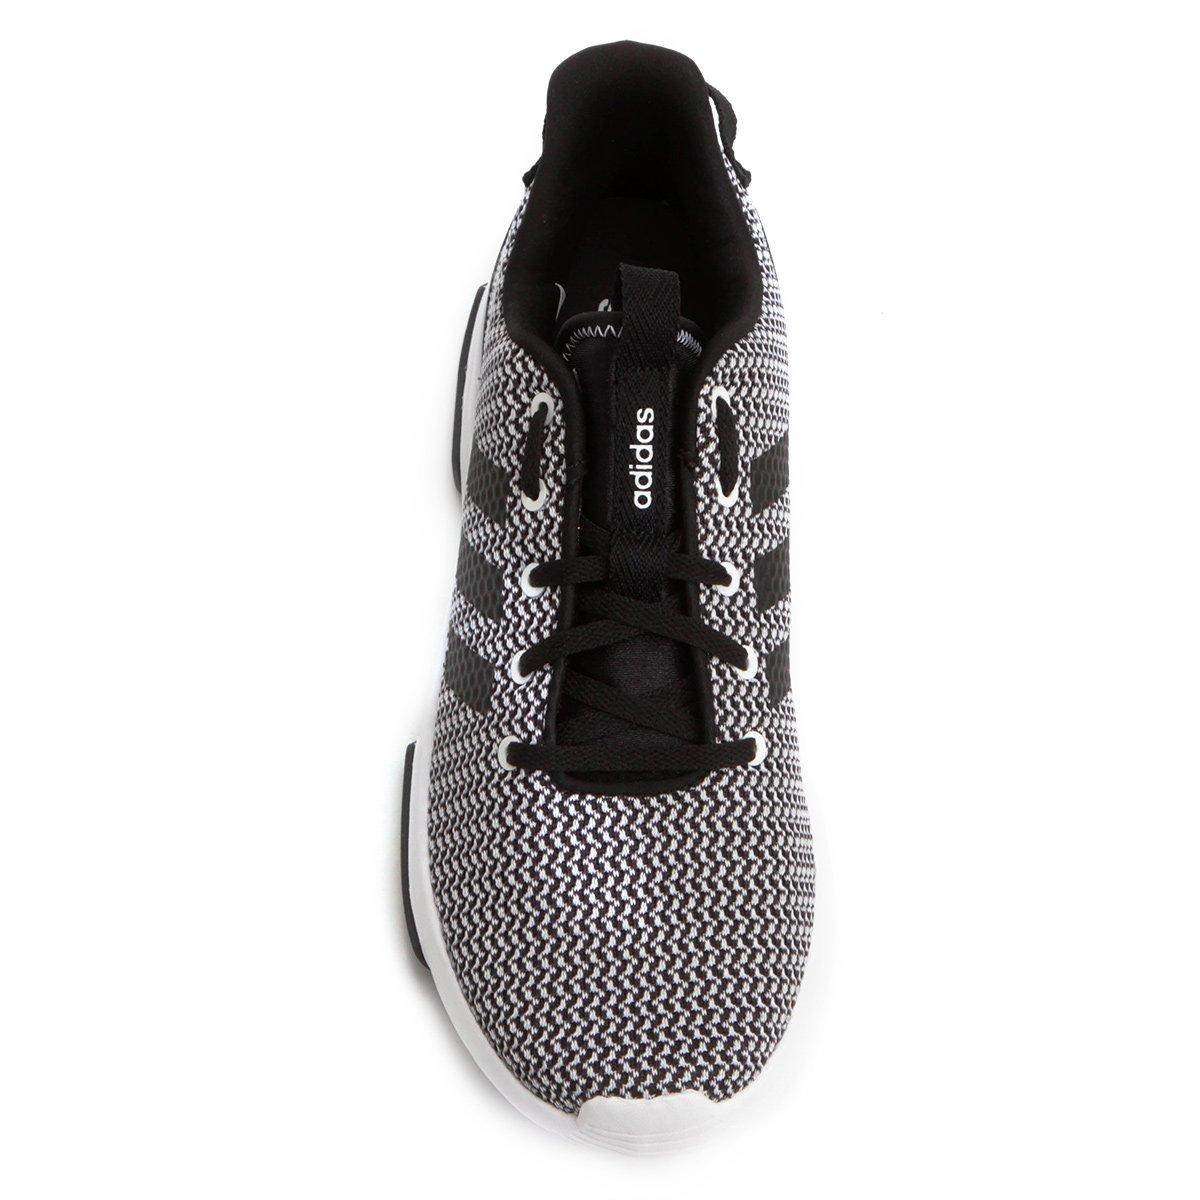 1f172c9762 Tênis Adidas Cf Racer Tr Masculino - Preto e Branco - Compre Agora ...